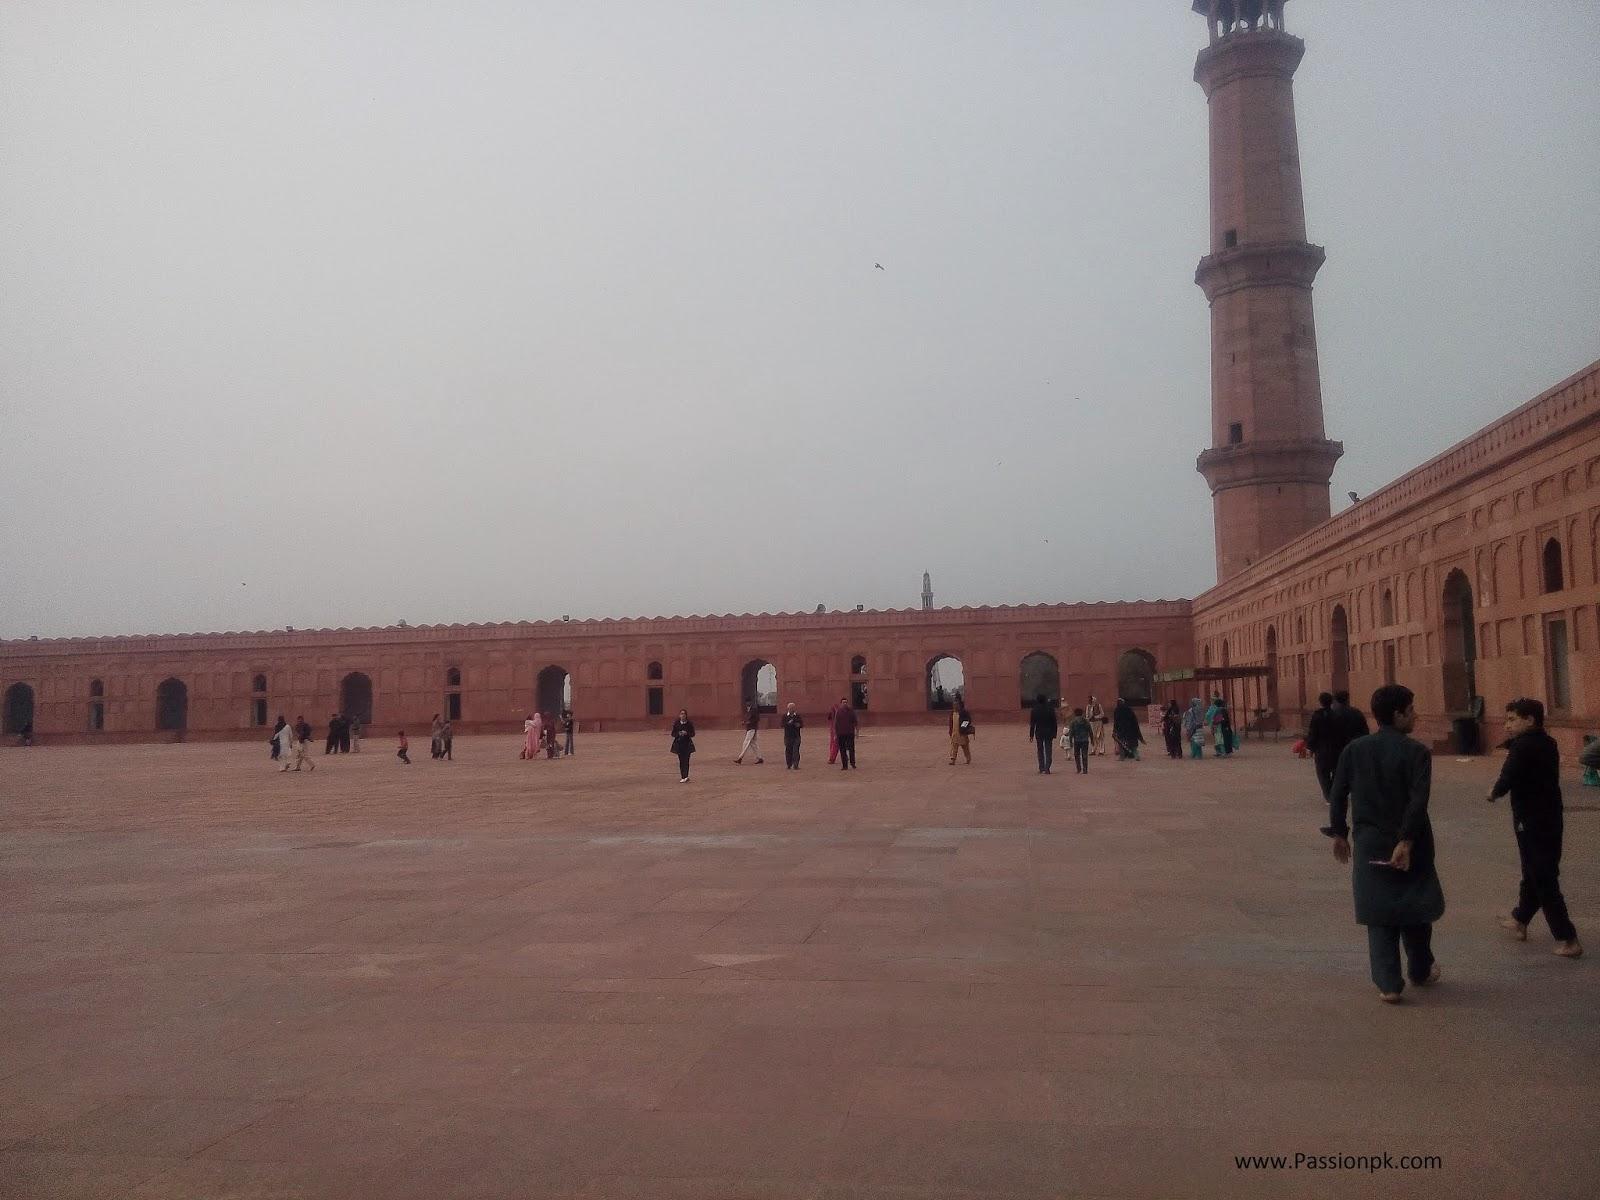 Badshahi Mosque Lahore Museum View